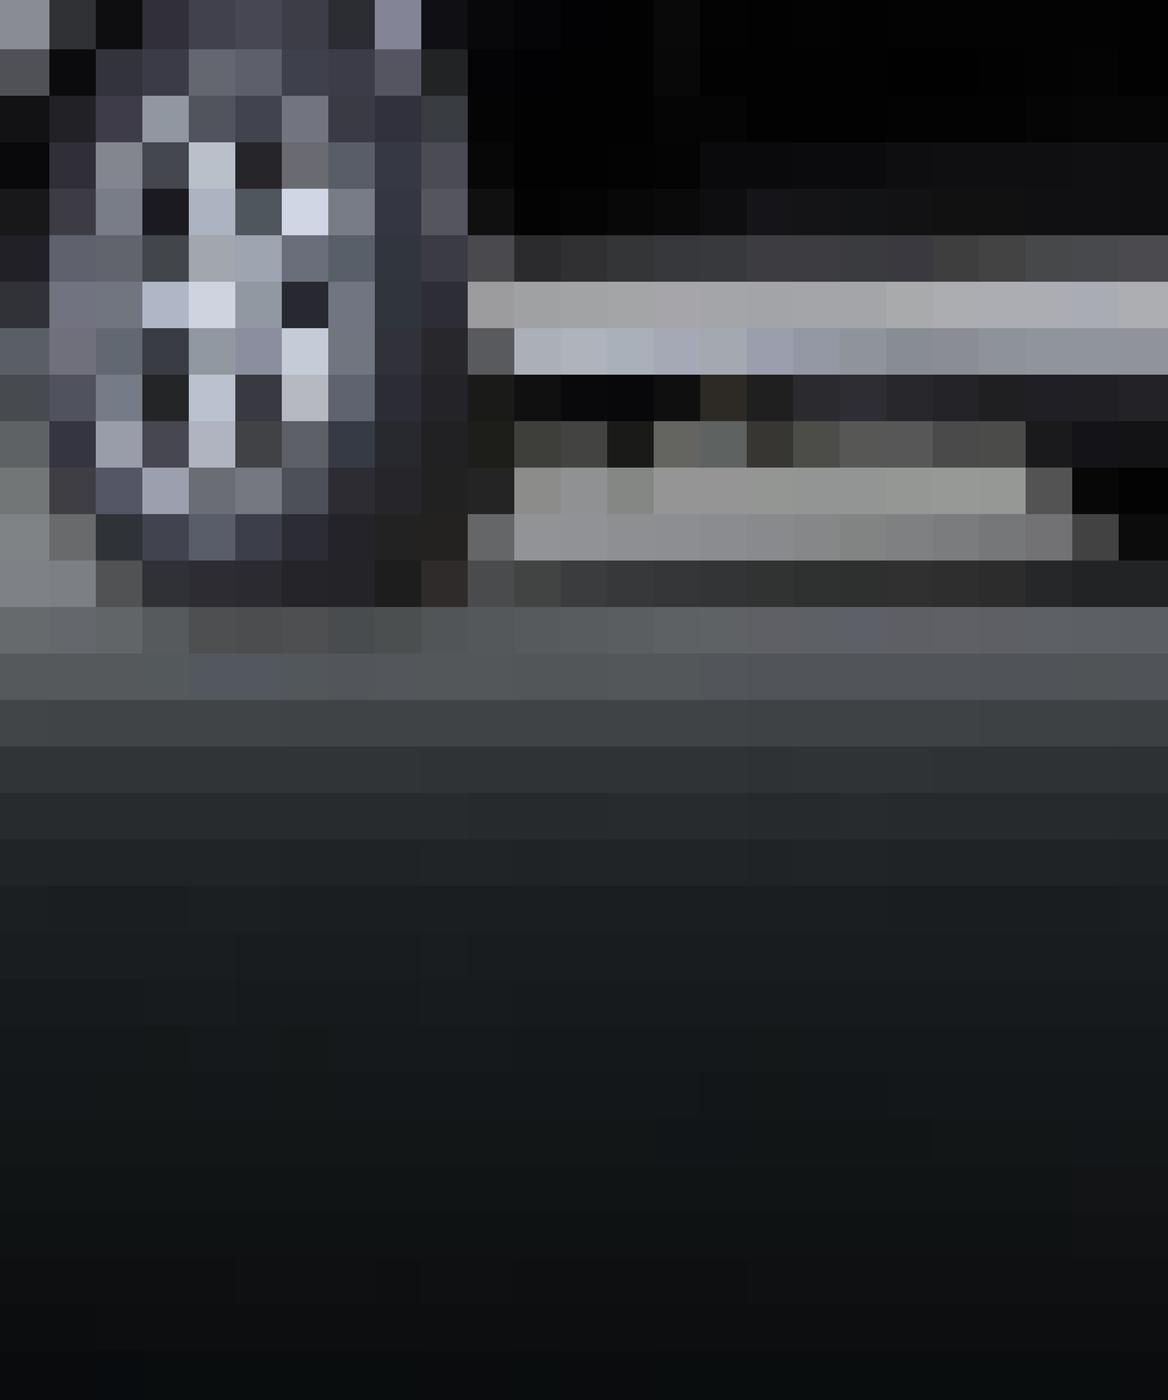 Porsche_IV_146x122_ld